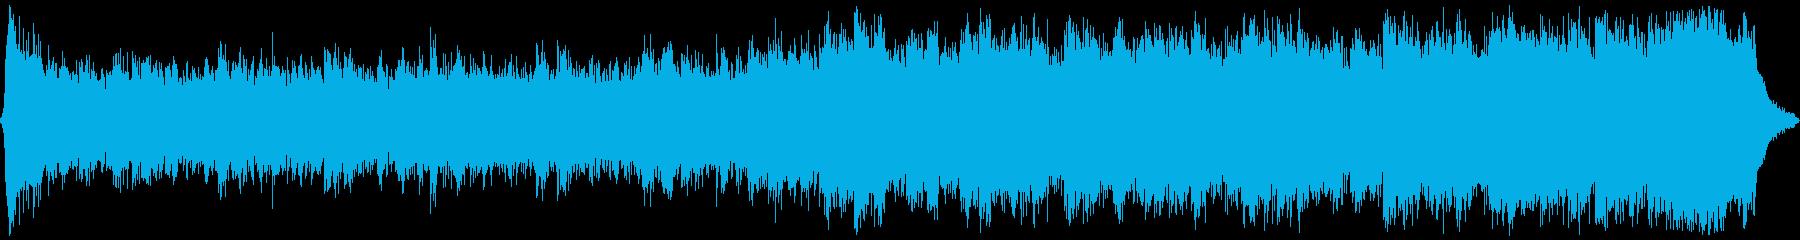 RPG 旅立ち オーケストラ 60秒版の再生済みの波形